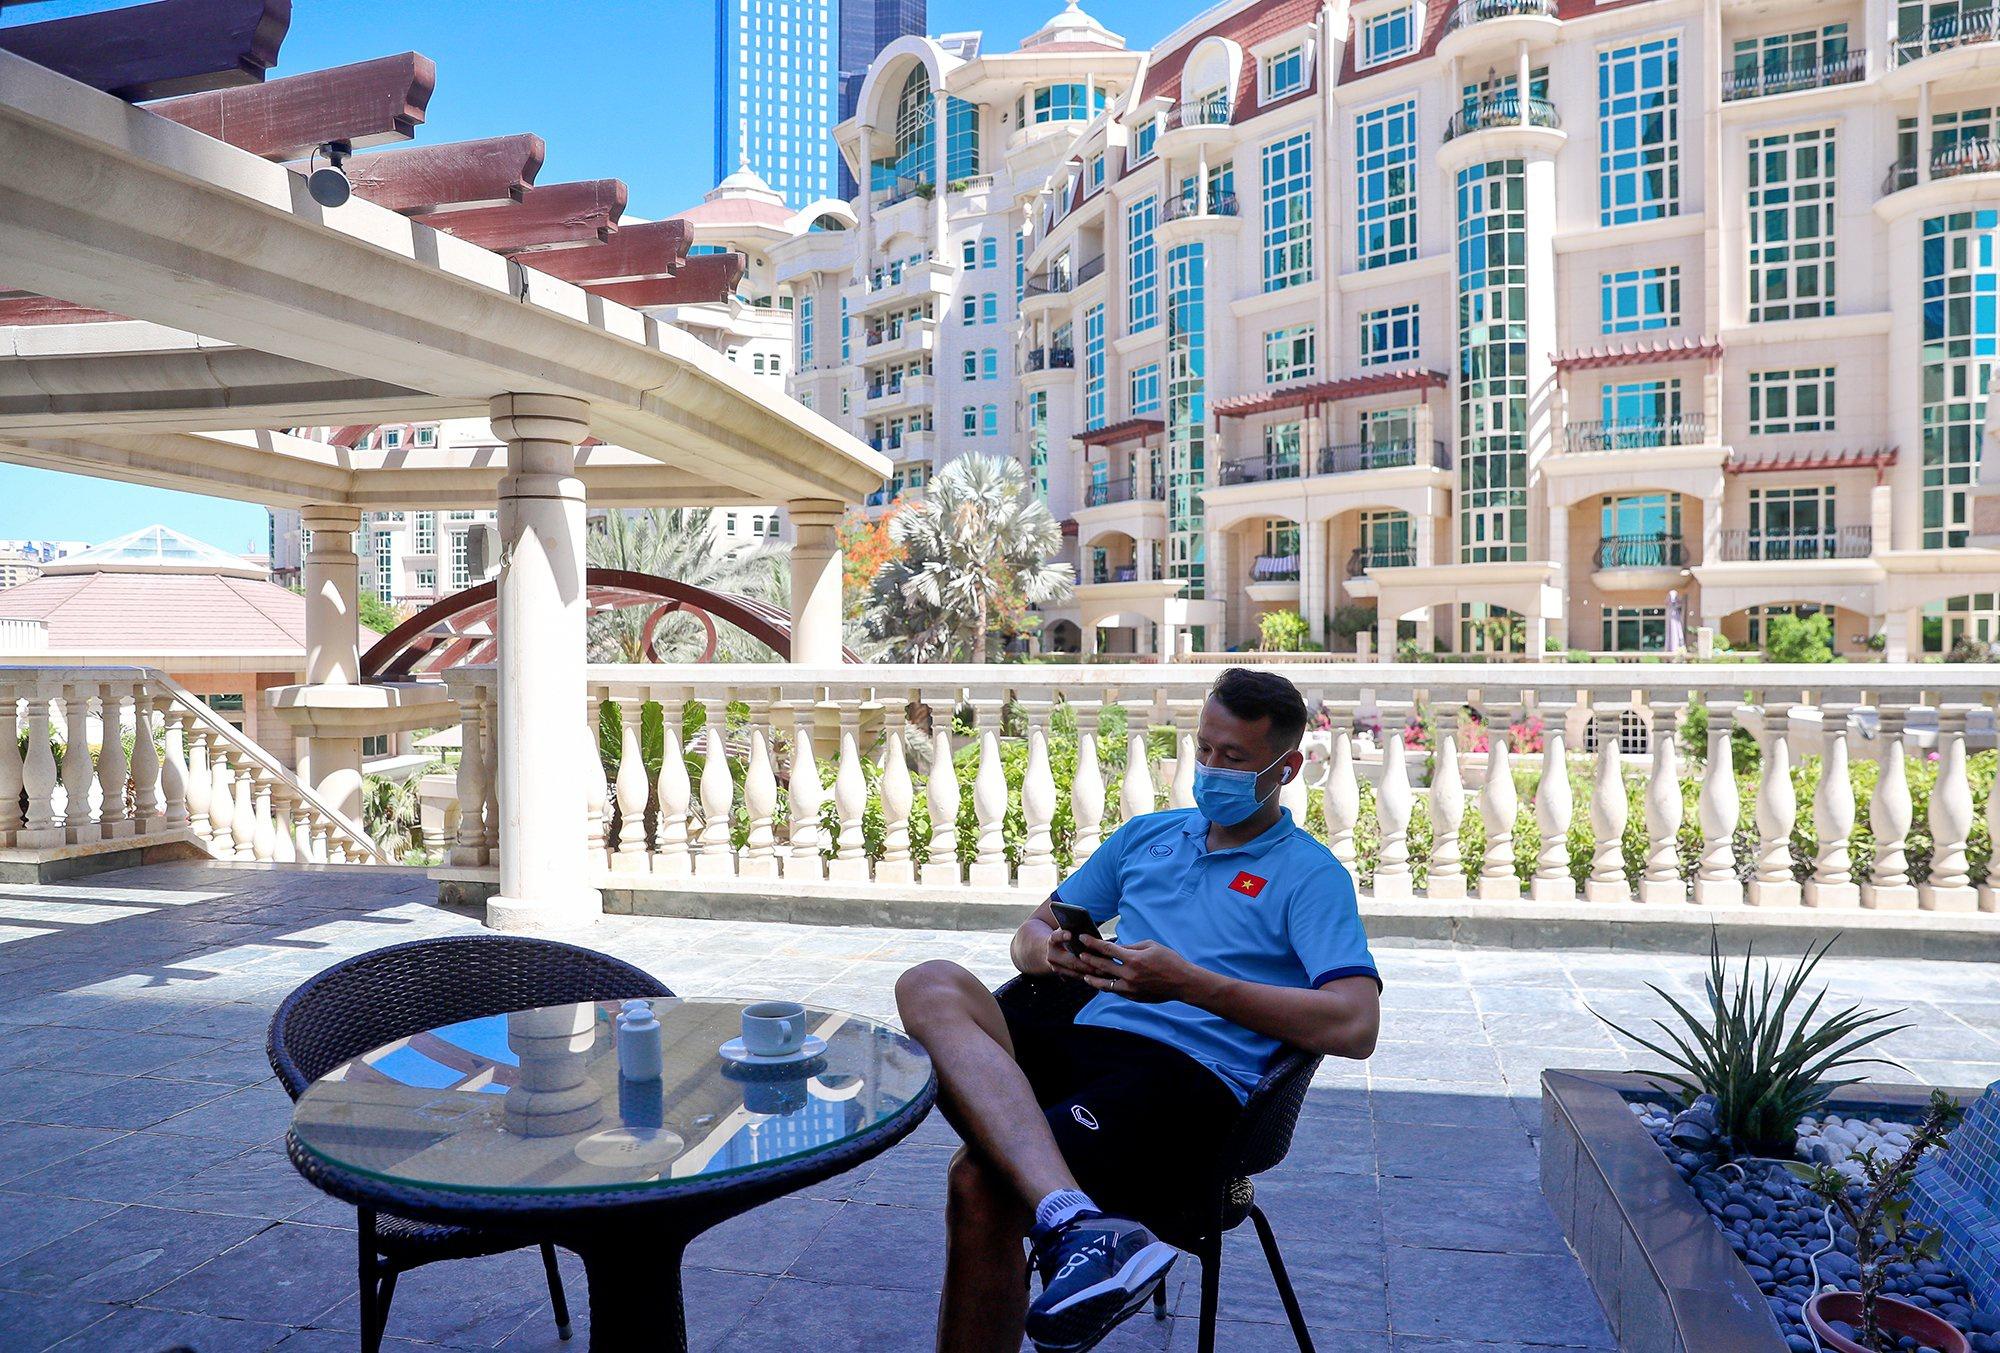 Cận cảnh nơi ăn chốn ở siêu sang, xịn của đội tuyển Việt Nam tại Dubai - Ảnh 4.